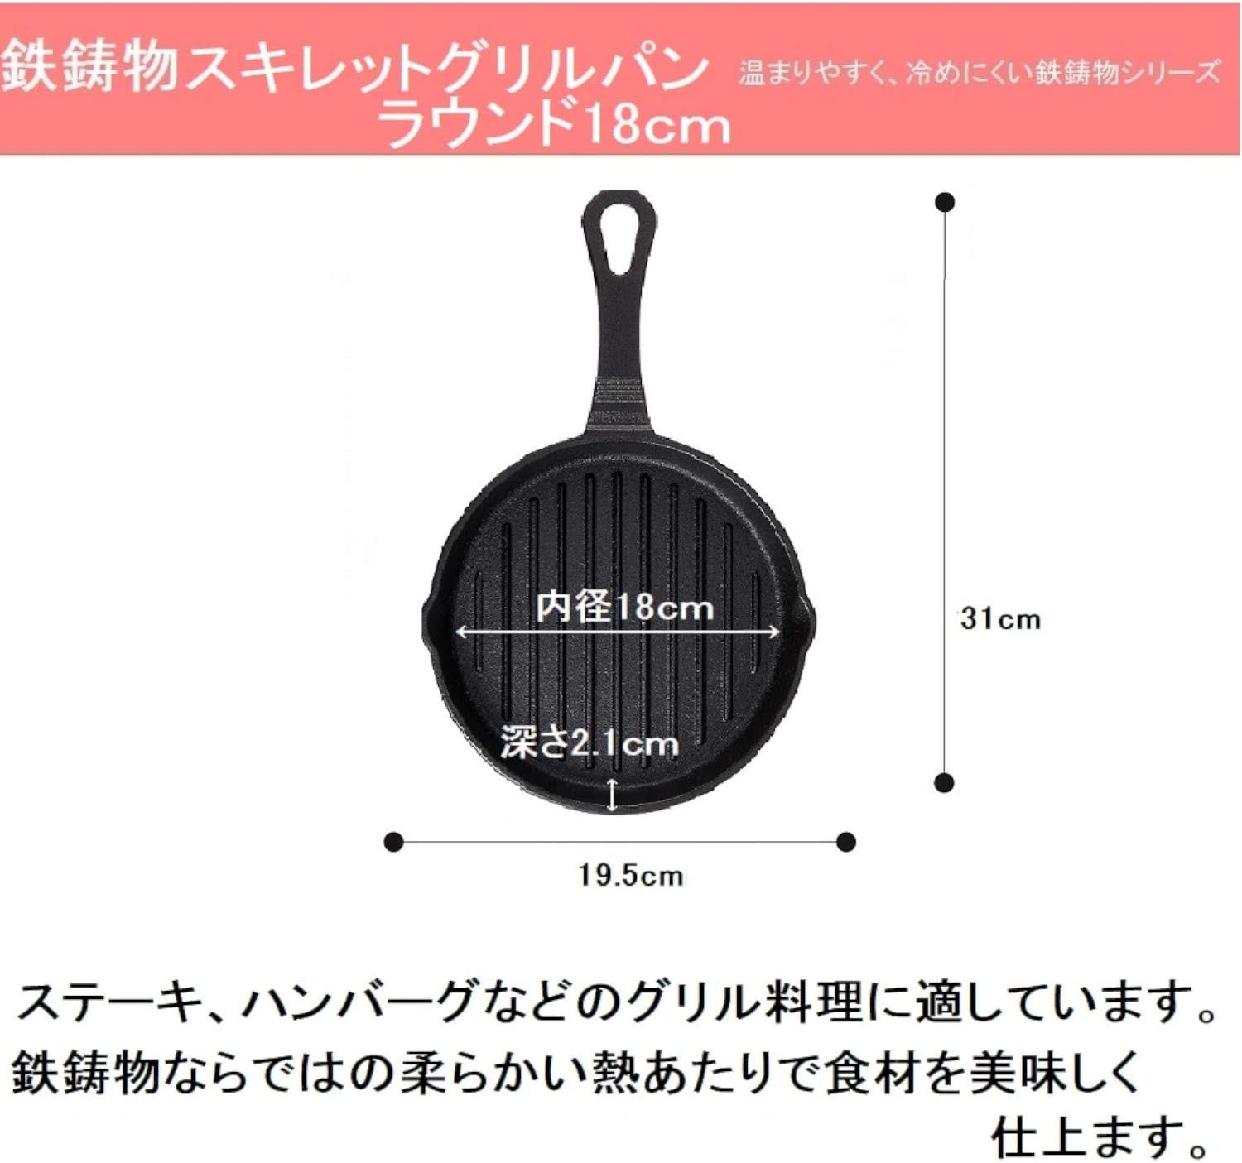 イシガキ産業(いしがきさんぎょう)スキレット グリルパン 18cmの商品画像4